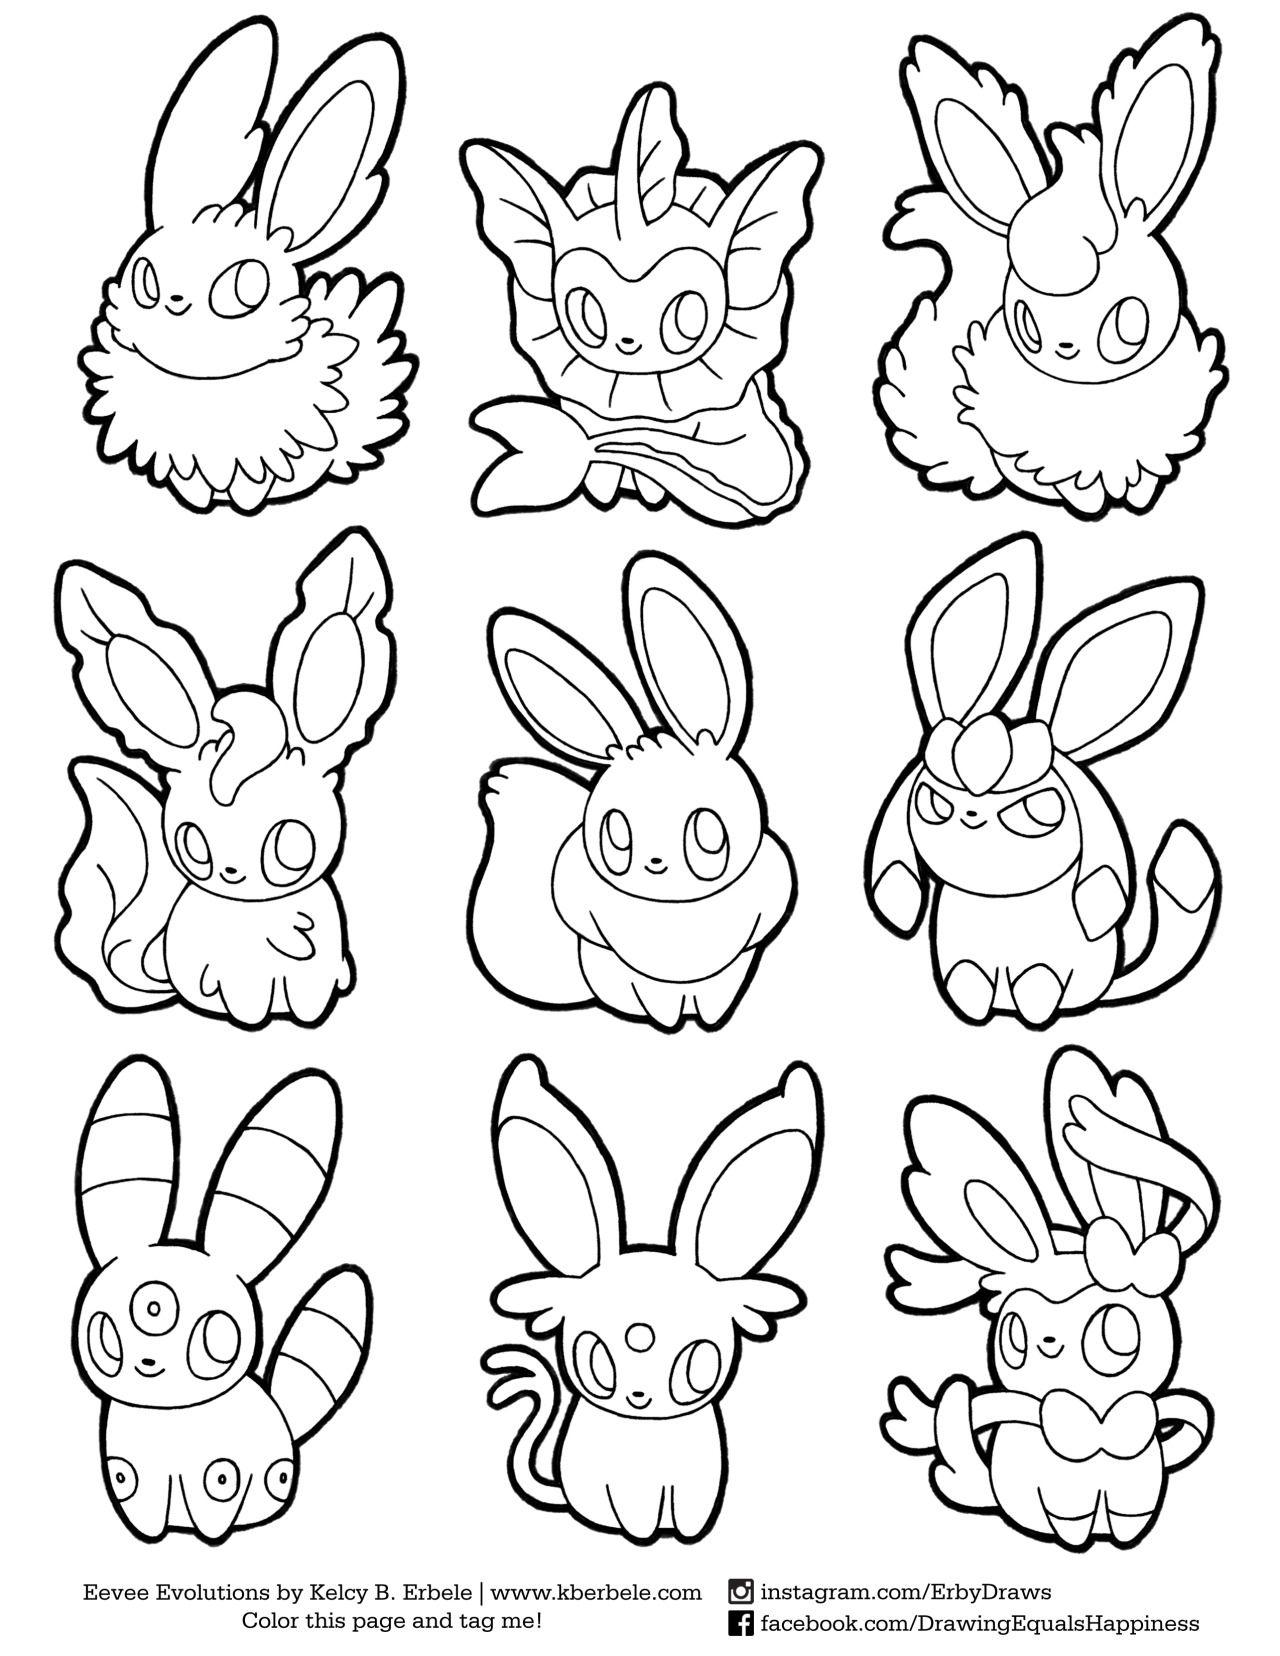 Belle jeux de coloriage pokemon gratuit imprimer et obtenir une coloriage gratuit ici - Pokemon gratuit ...